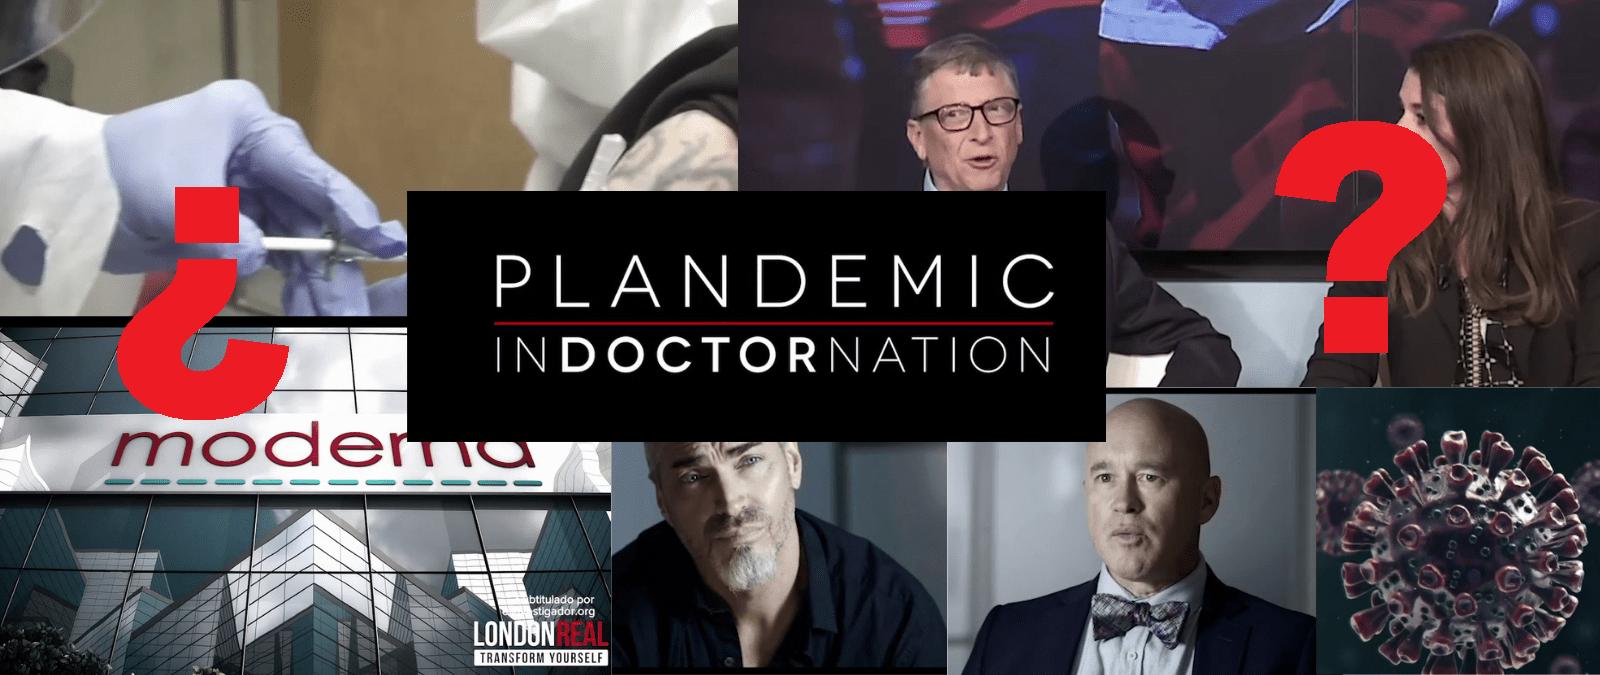 Plandemic: Indoctornation': las afirmaciones falsas y sin evidencia científica sobre la pandemia de COVID-19 de la segunda parte del vídeo Plandemic - Maldita.es